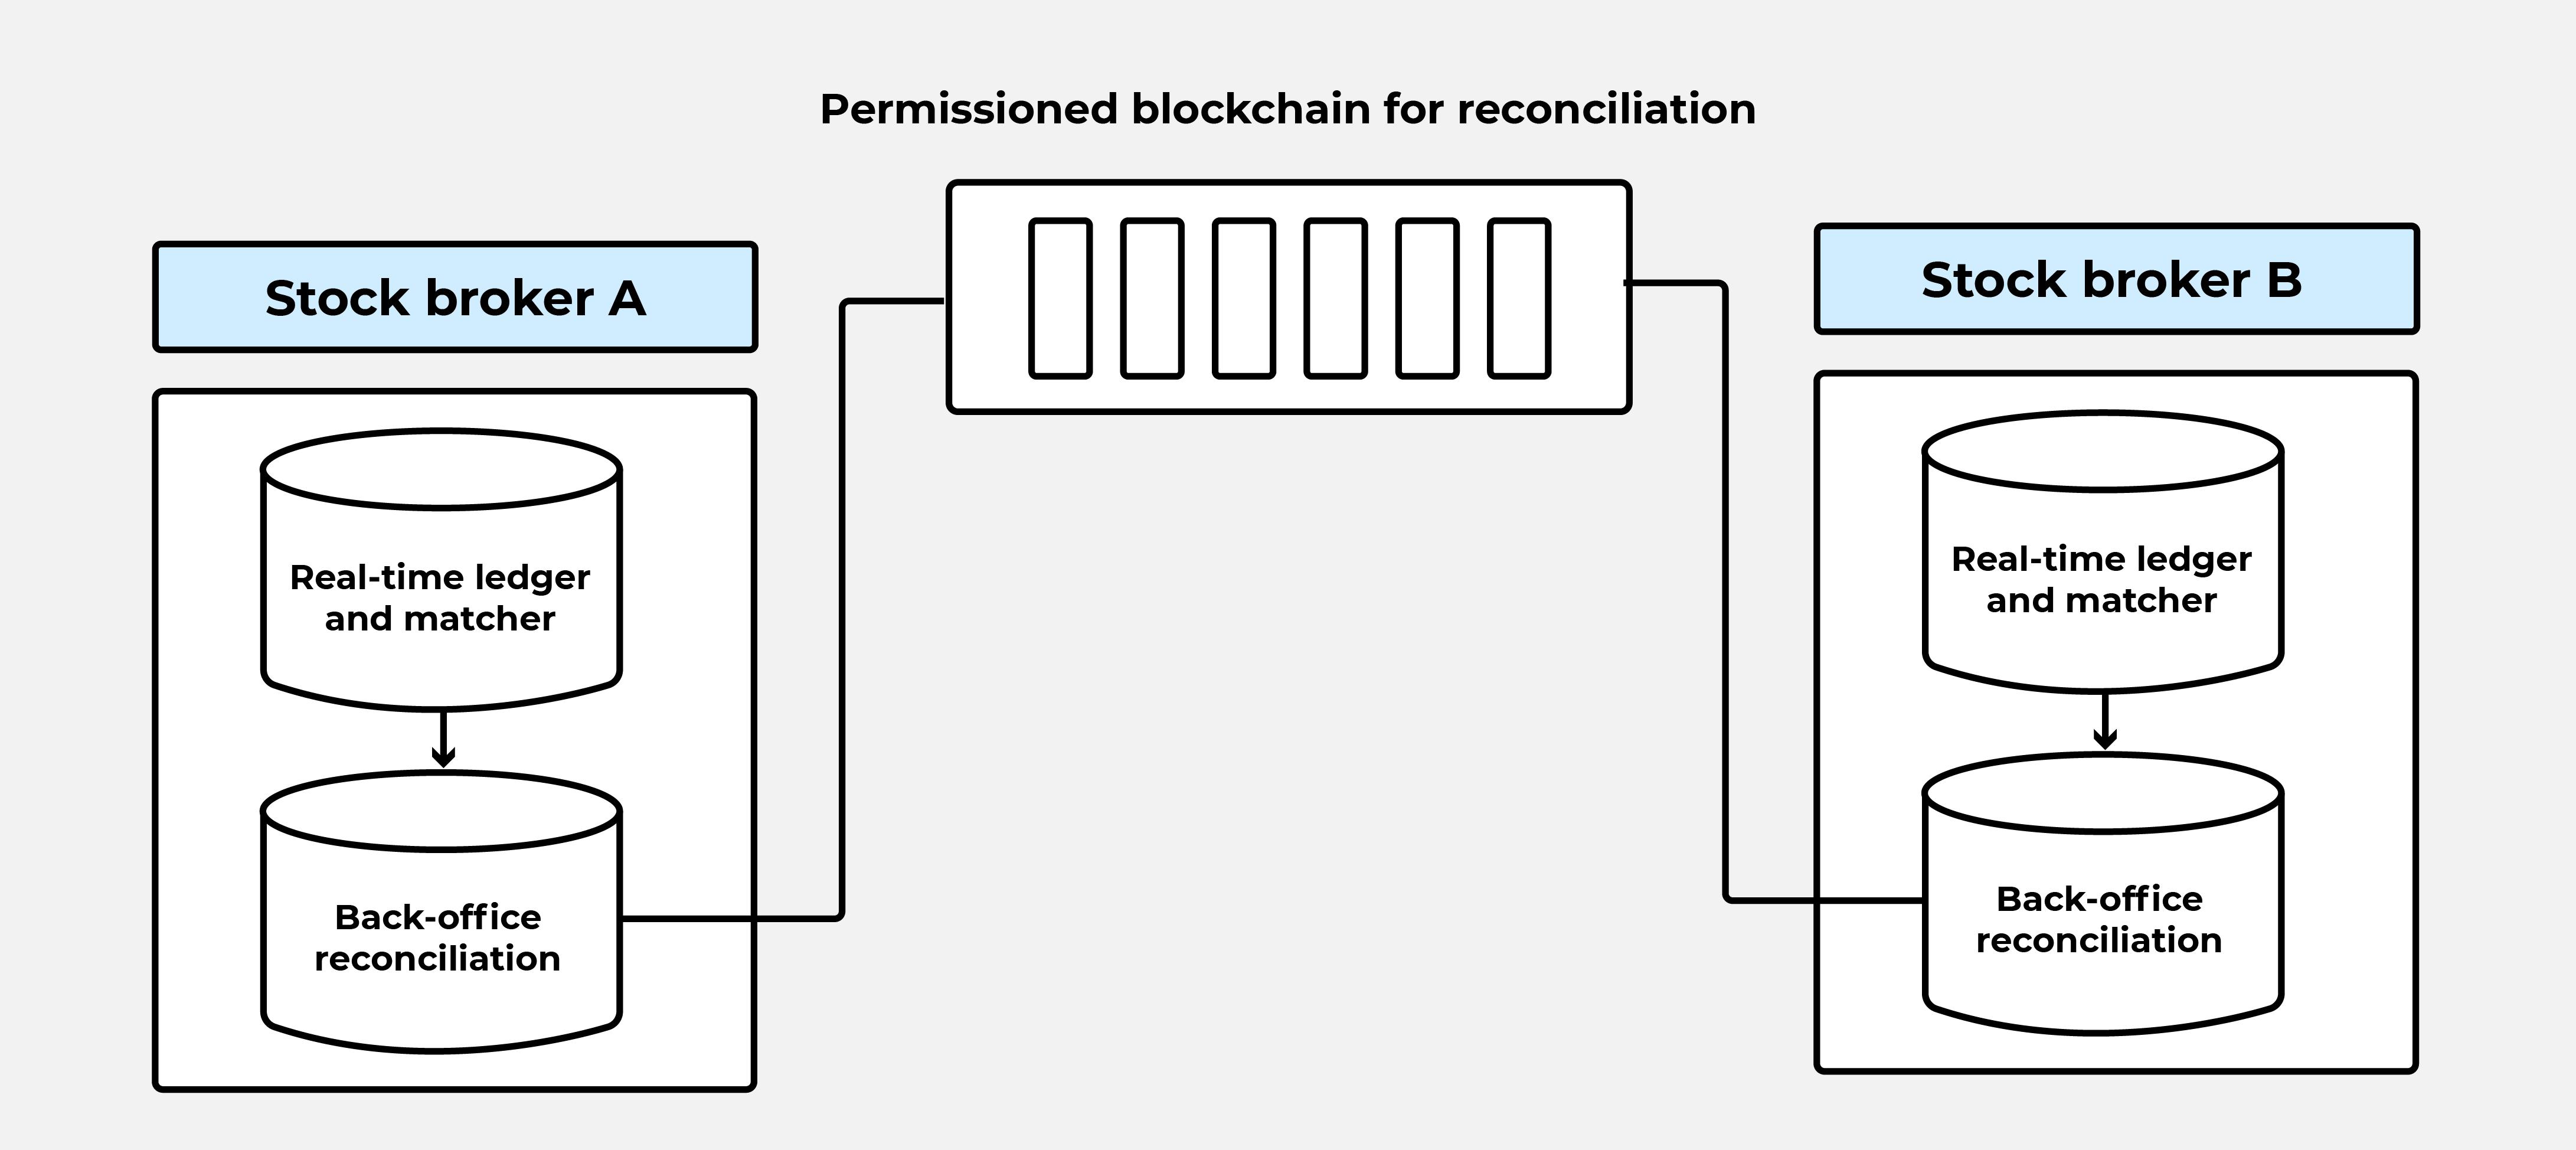 permissioned-blockchain-reconciliation